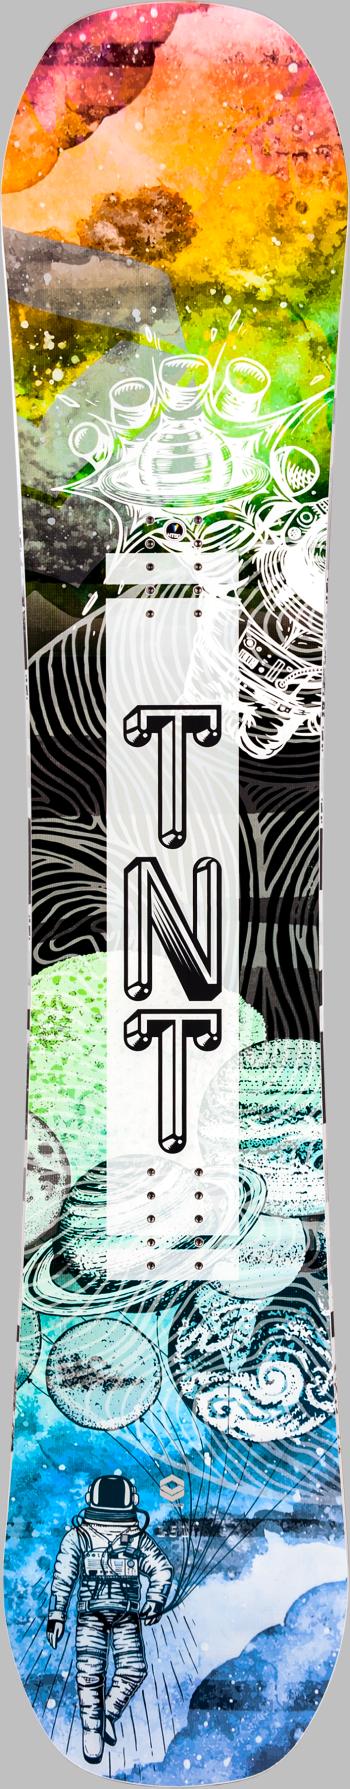 TNT green - Top